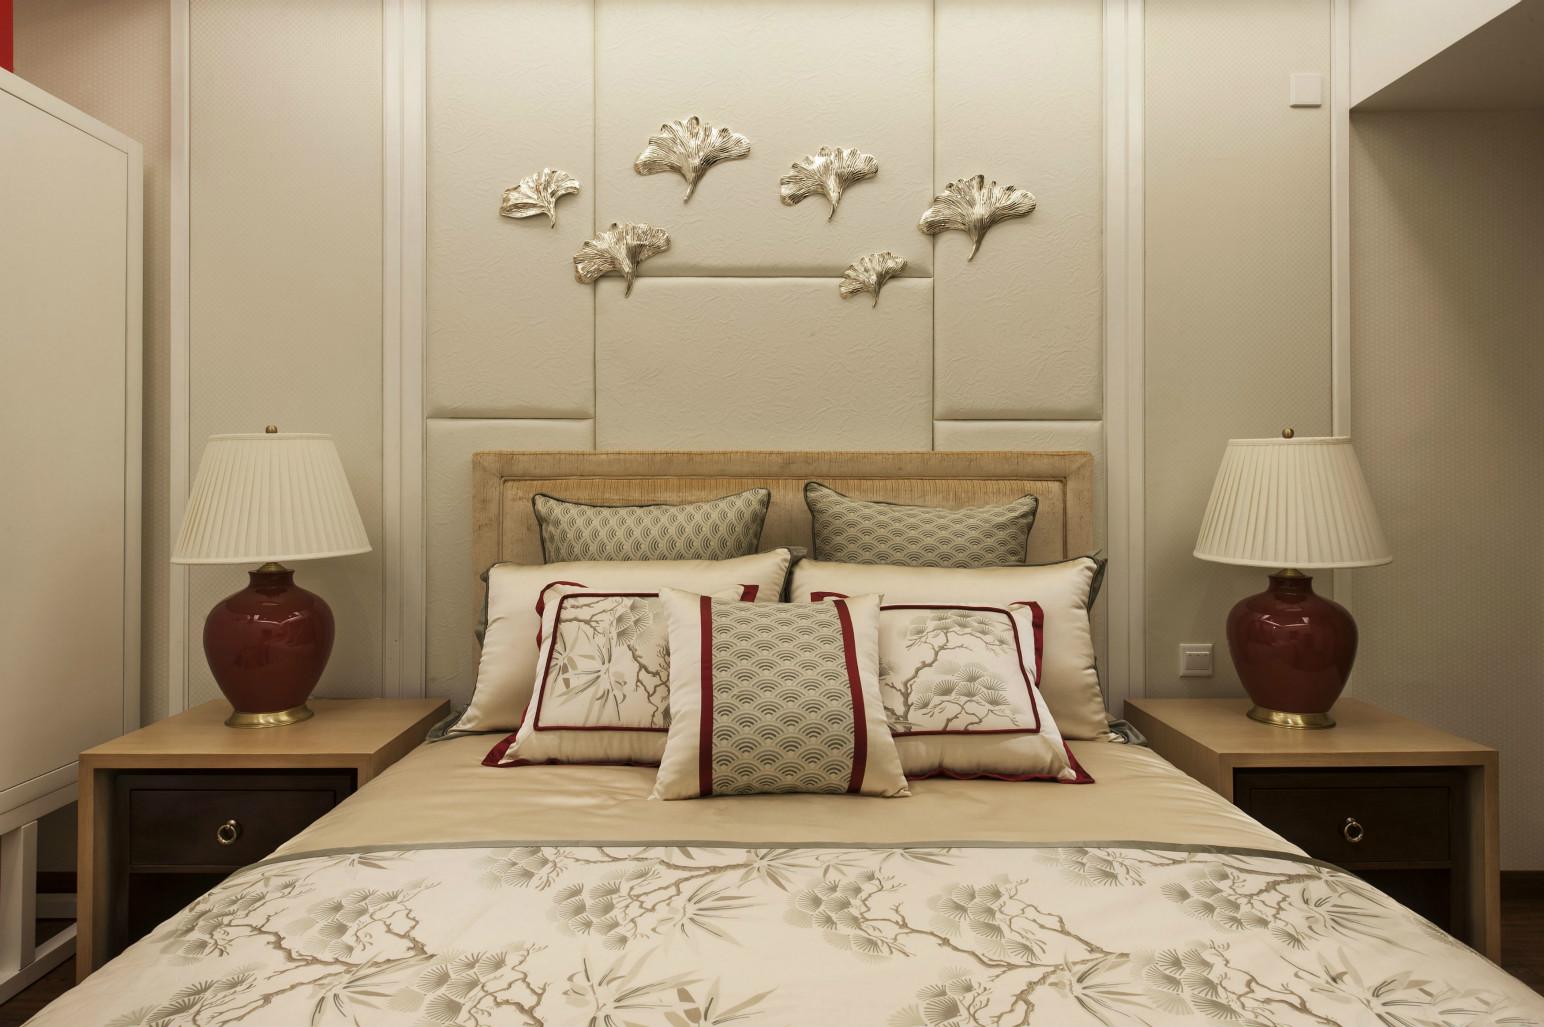 次卧床头背景墙上则是挂置着花瓣,浓浓的艺术气息